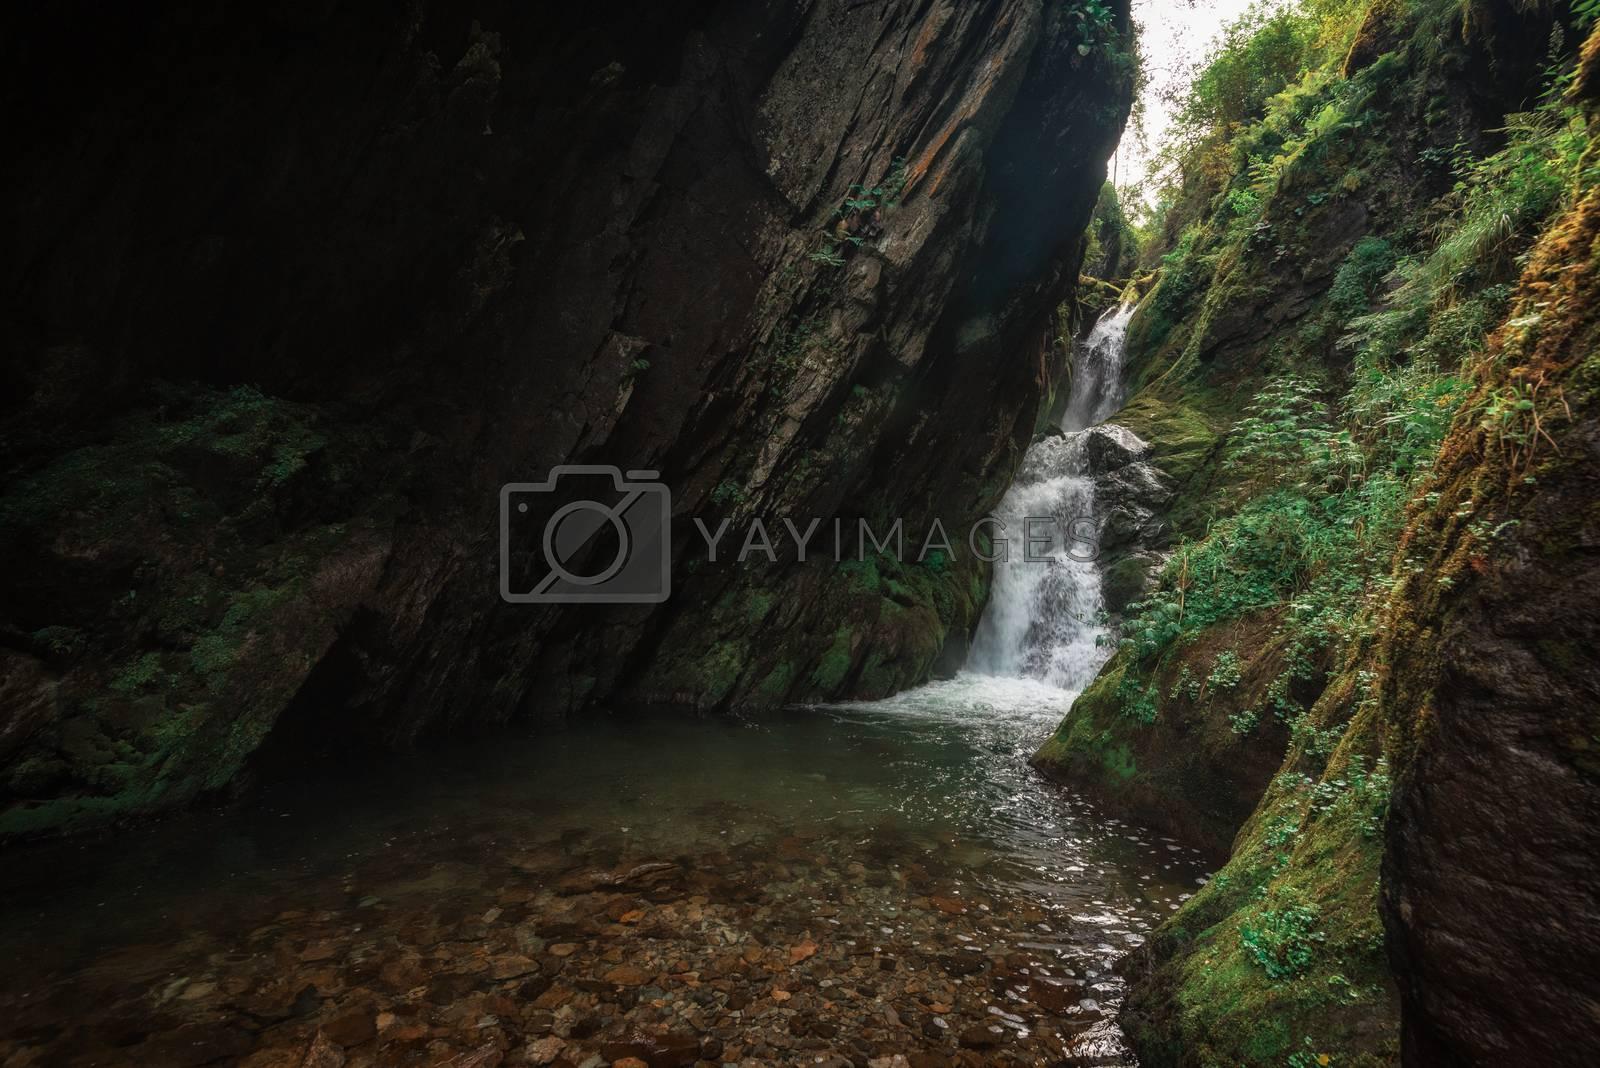 Estyube Waterfall at Lake Teletskoye in the Altai Mountains